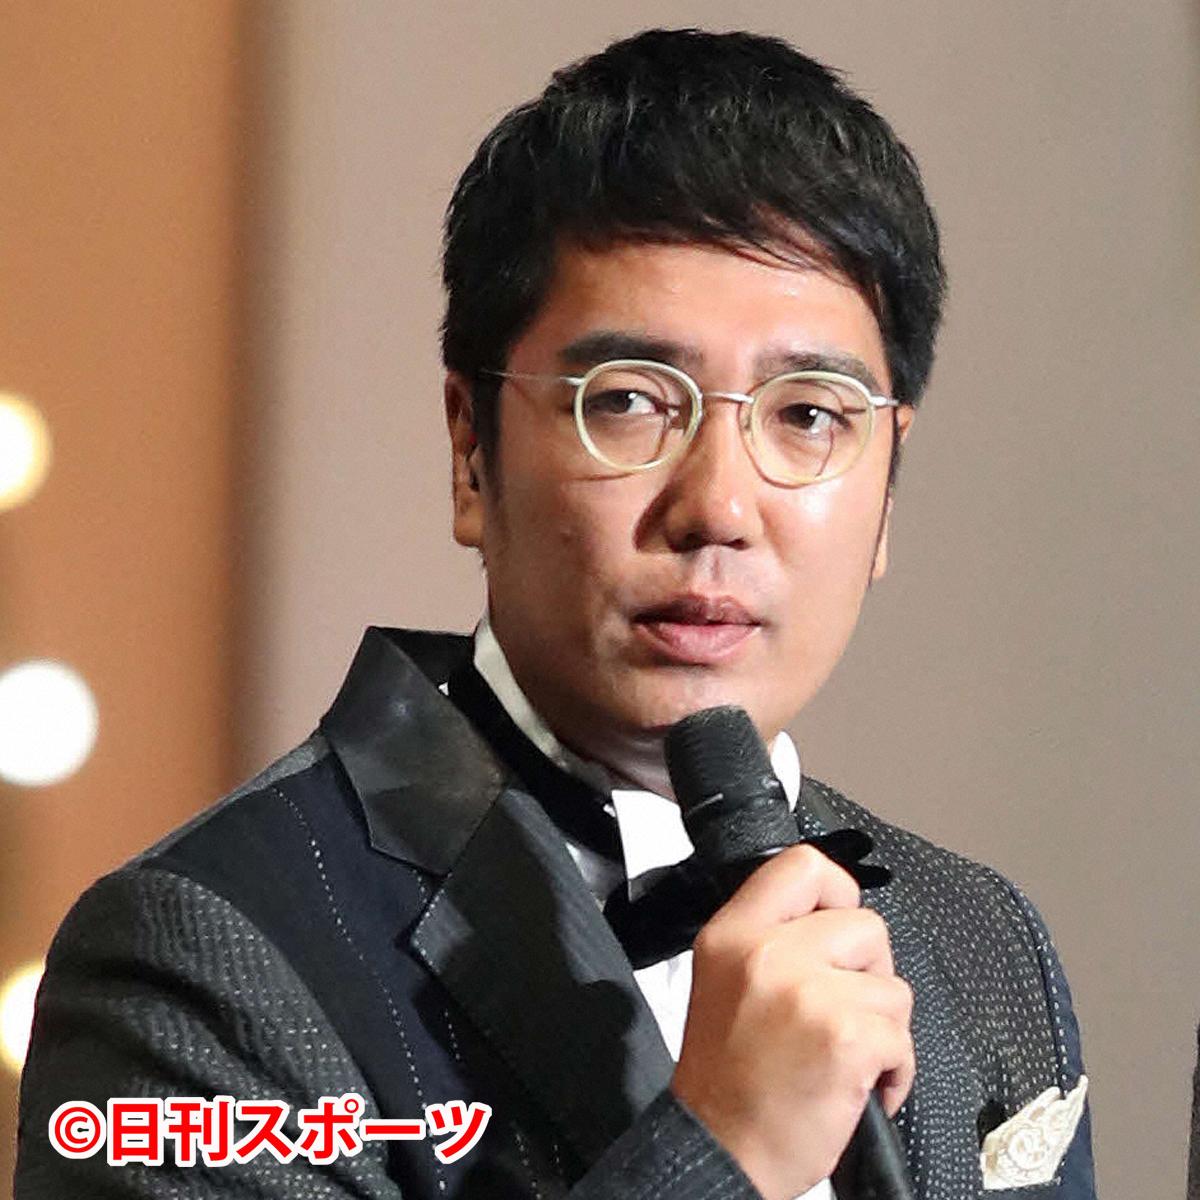 おぎやはぎ小木博明(2017年9月24日撮影)